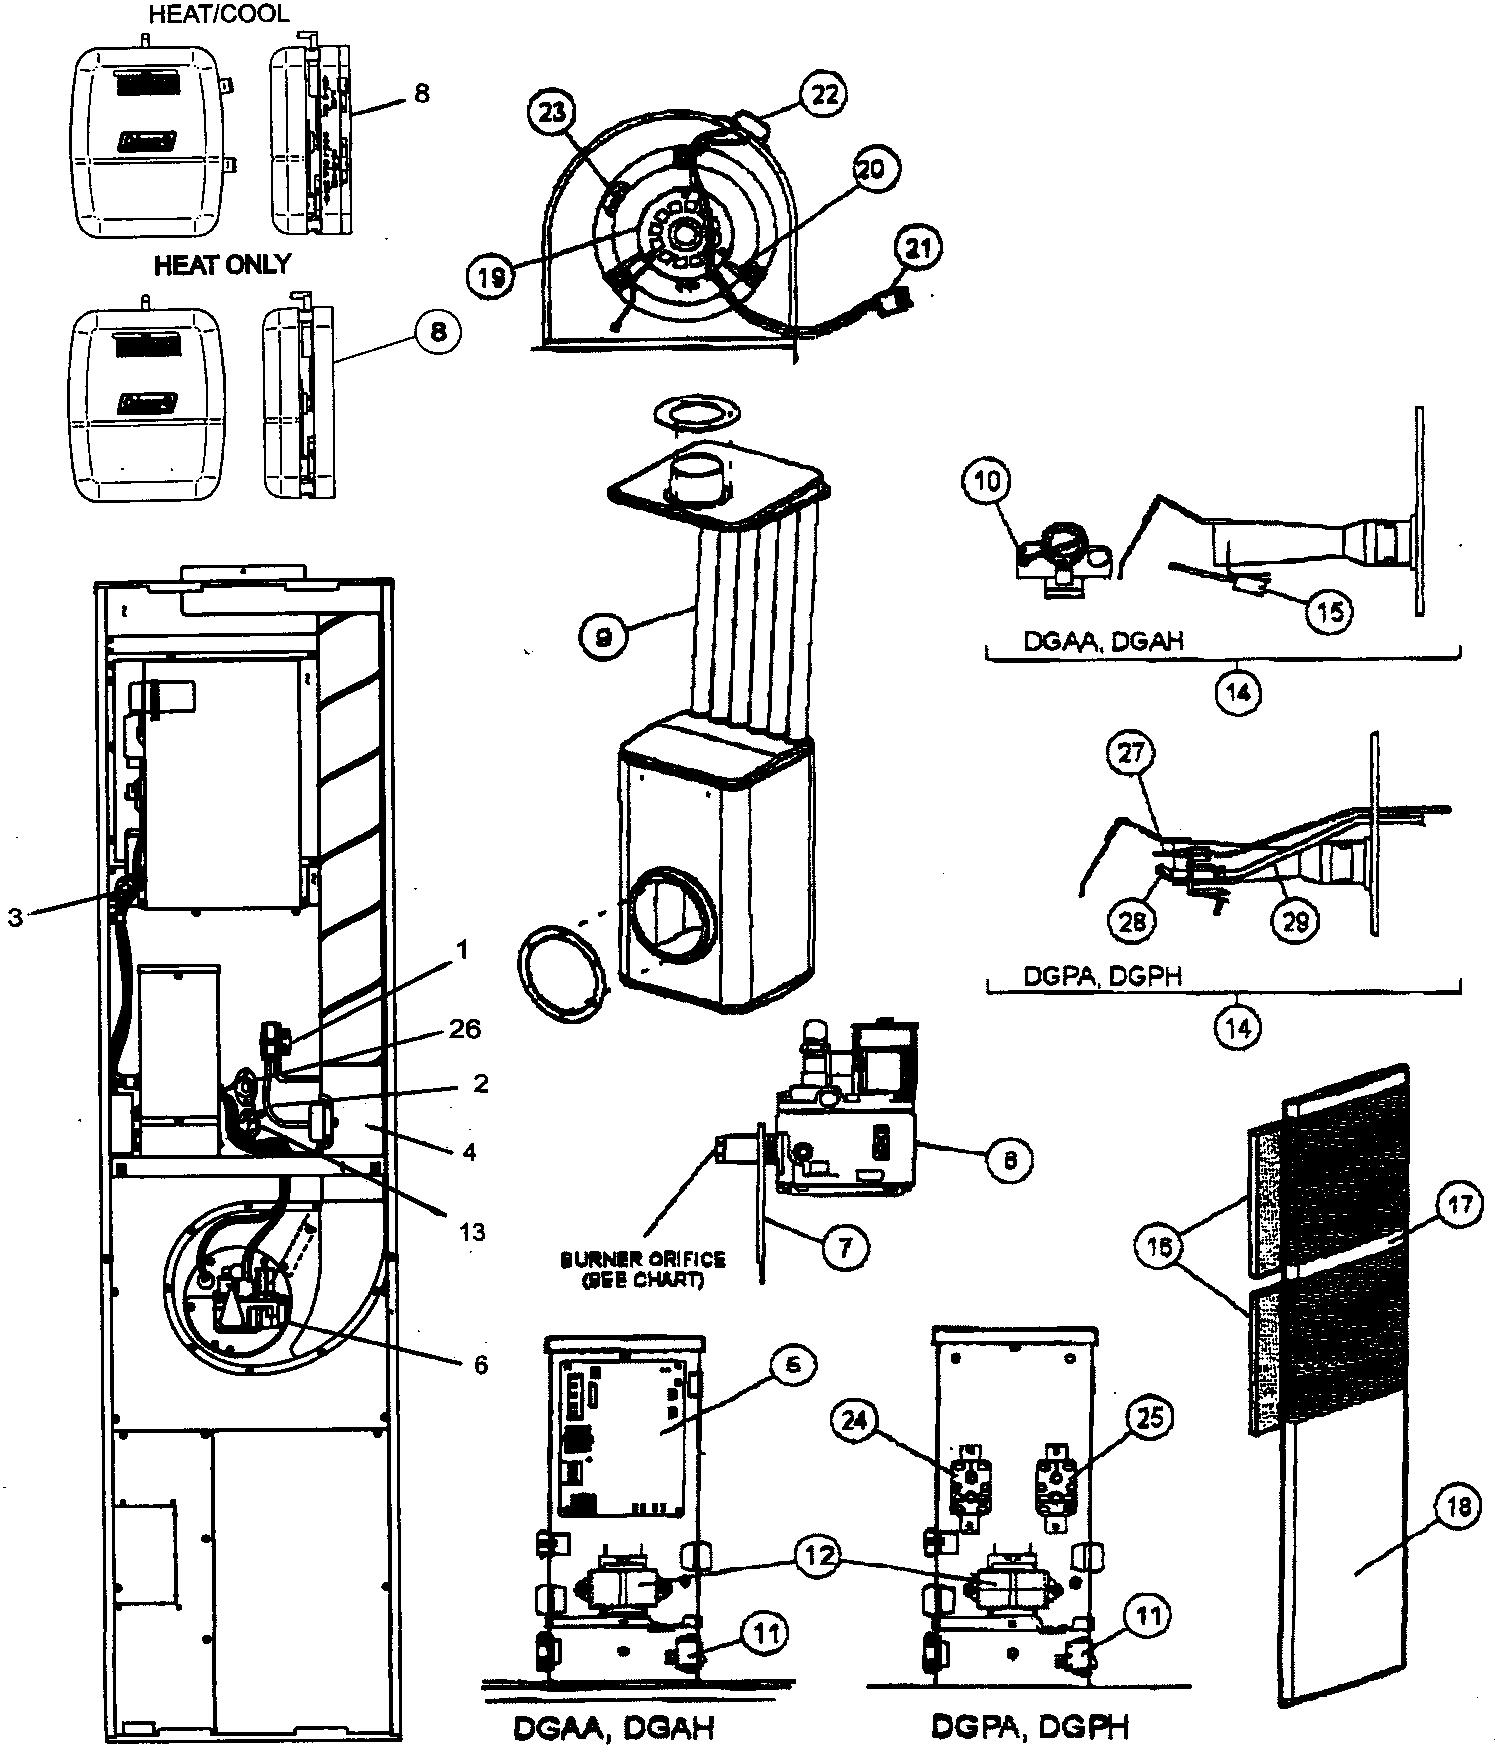 coleman furnace manual [ 1495 x 1752 Pixel ]